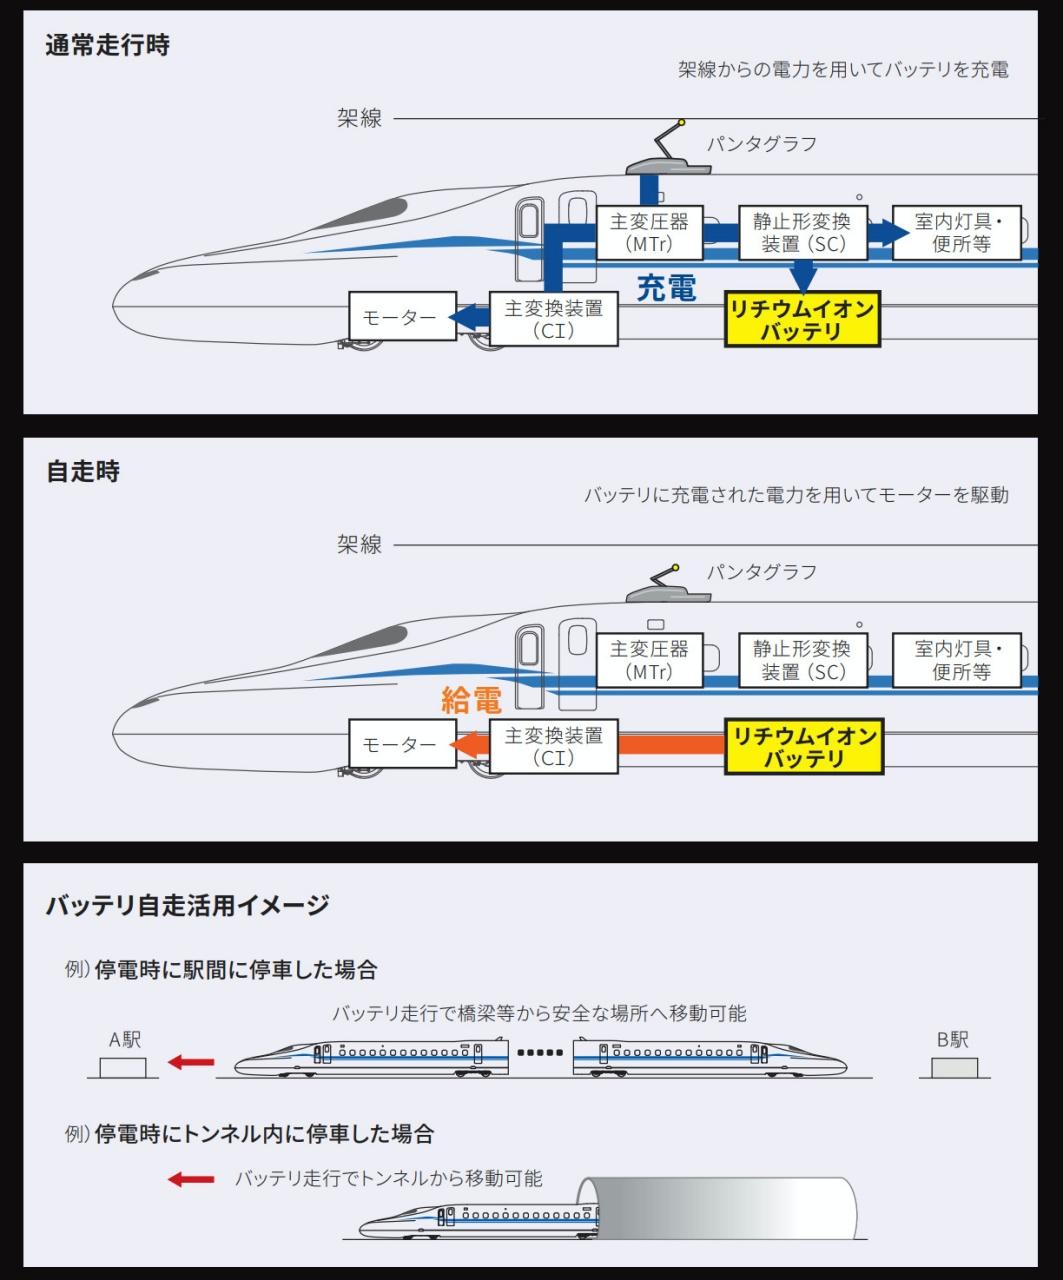 JR-CENTRAL N700S